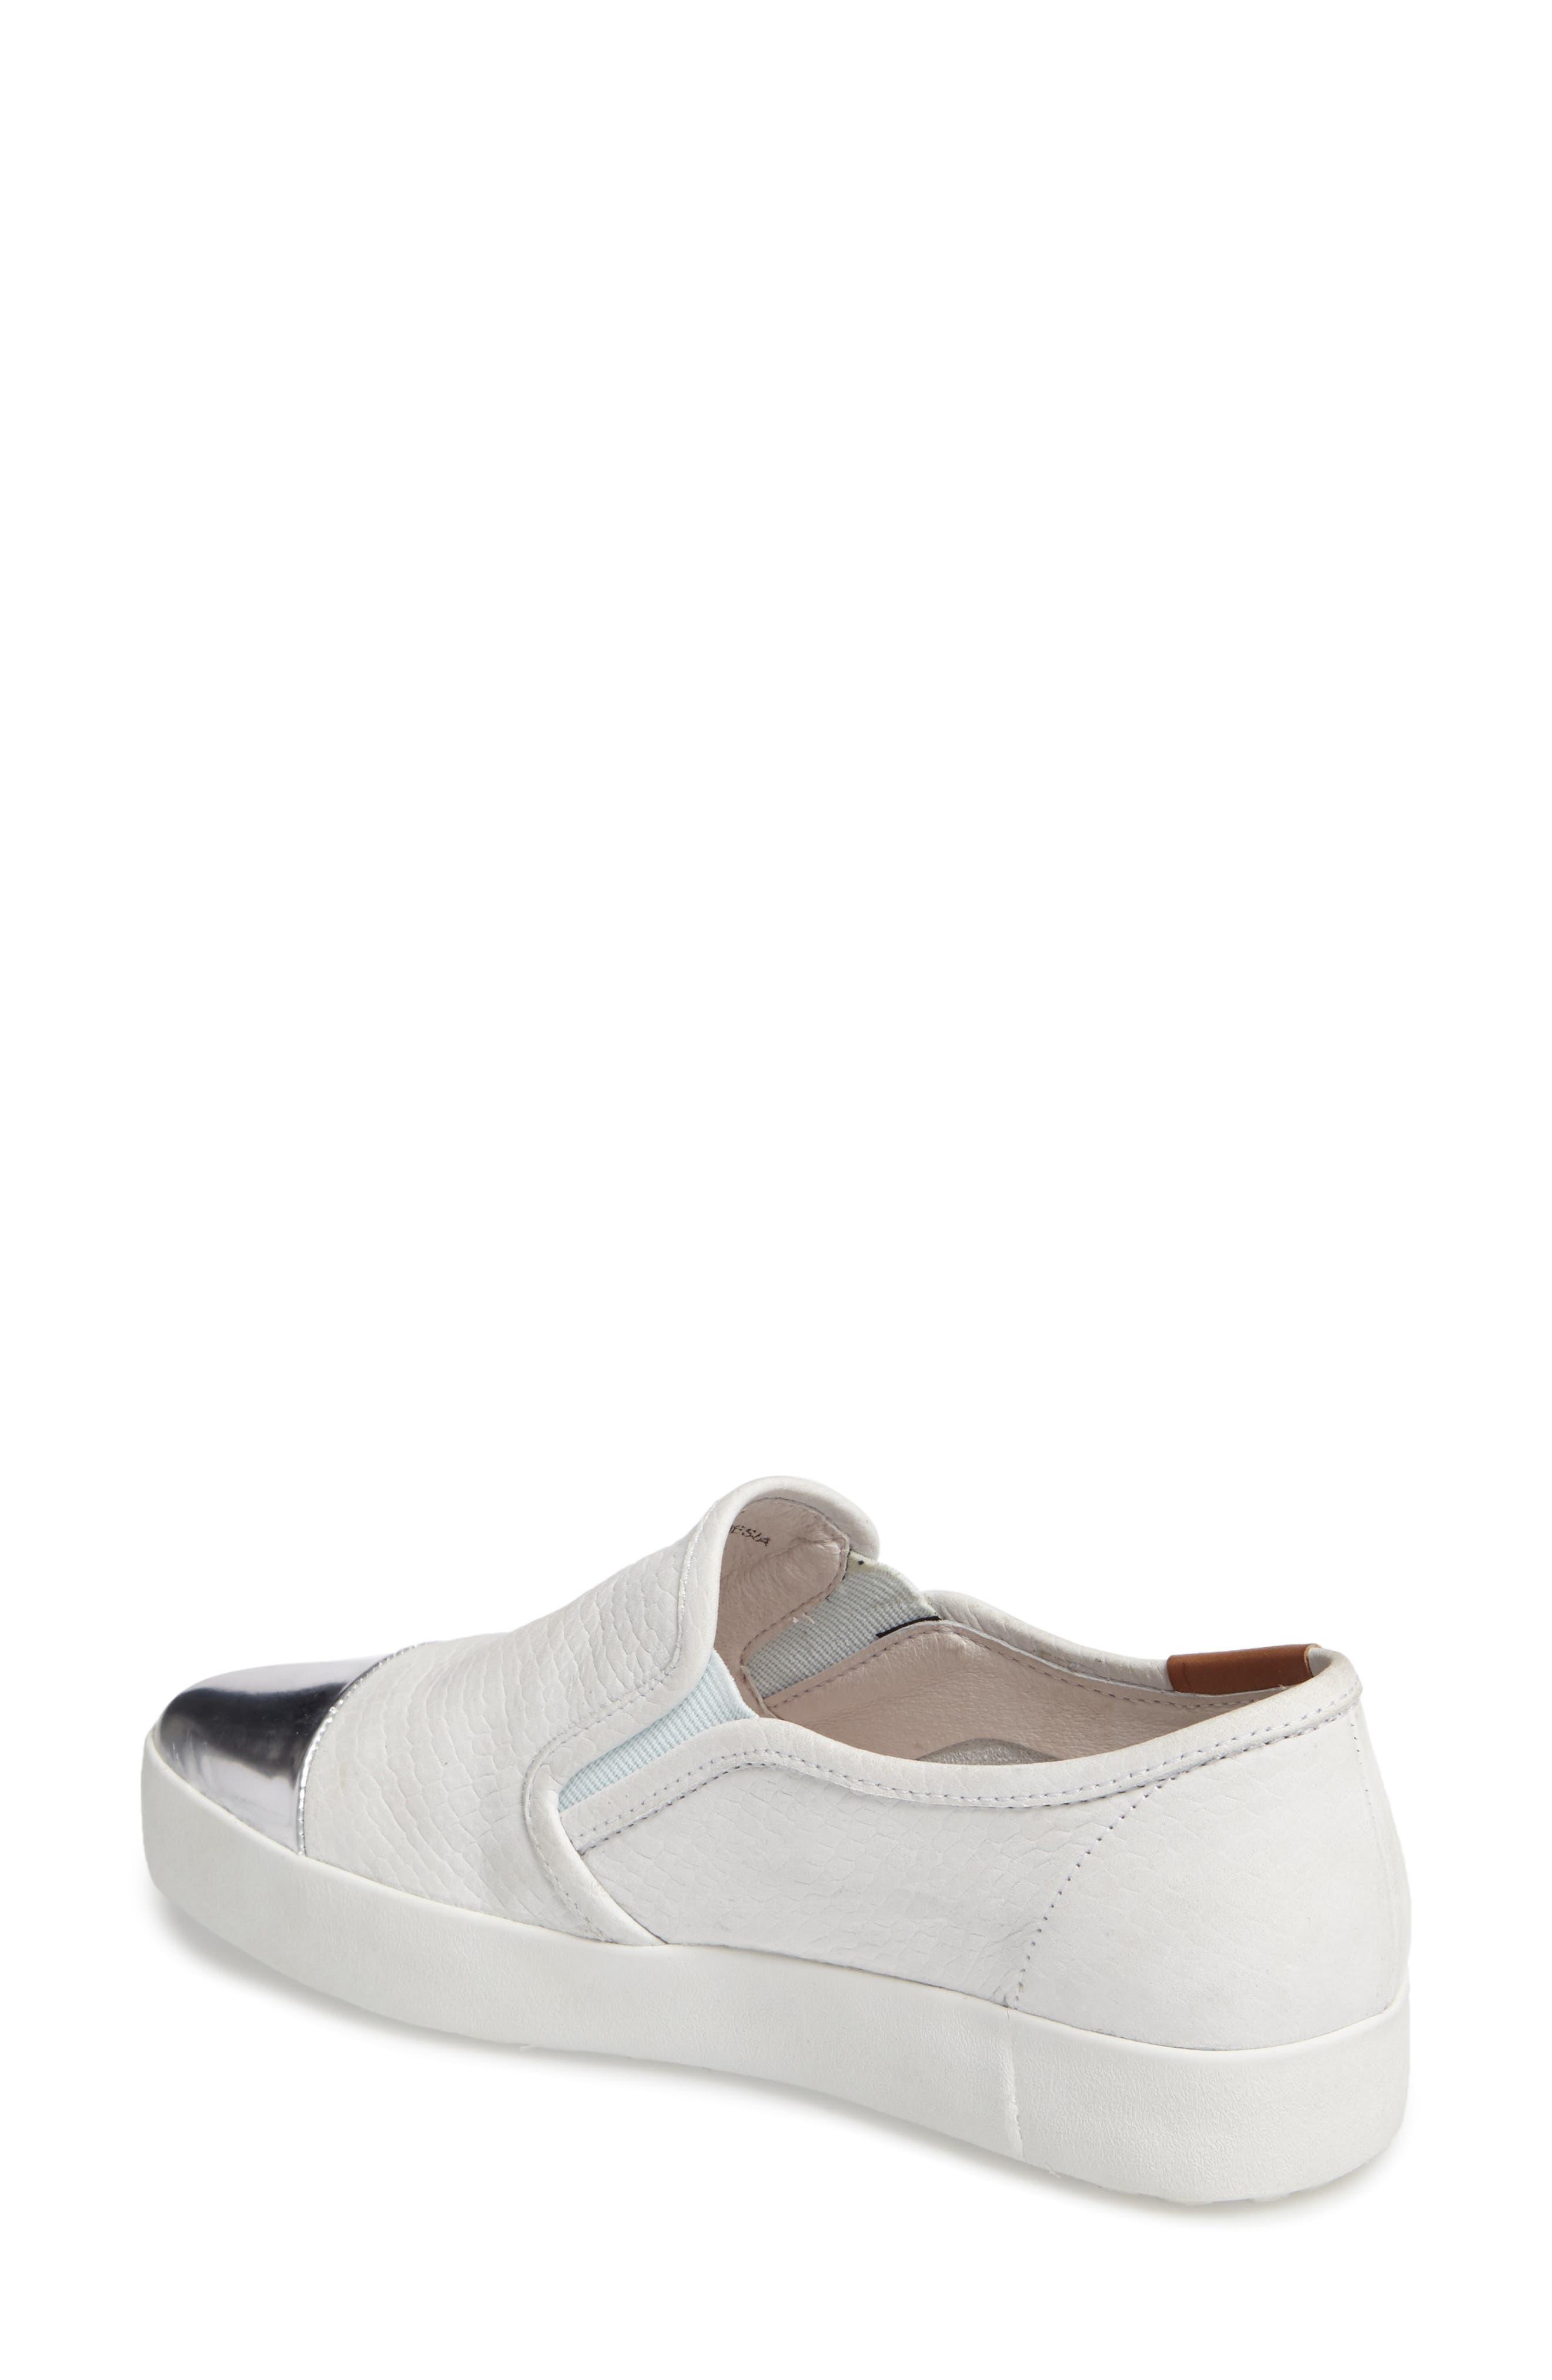 Alternate Image 2  - Blackstone NL47 Slip-On Sneaker (Women)